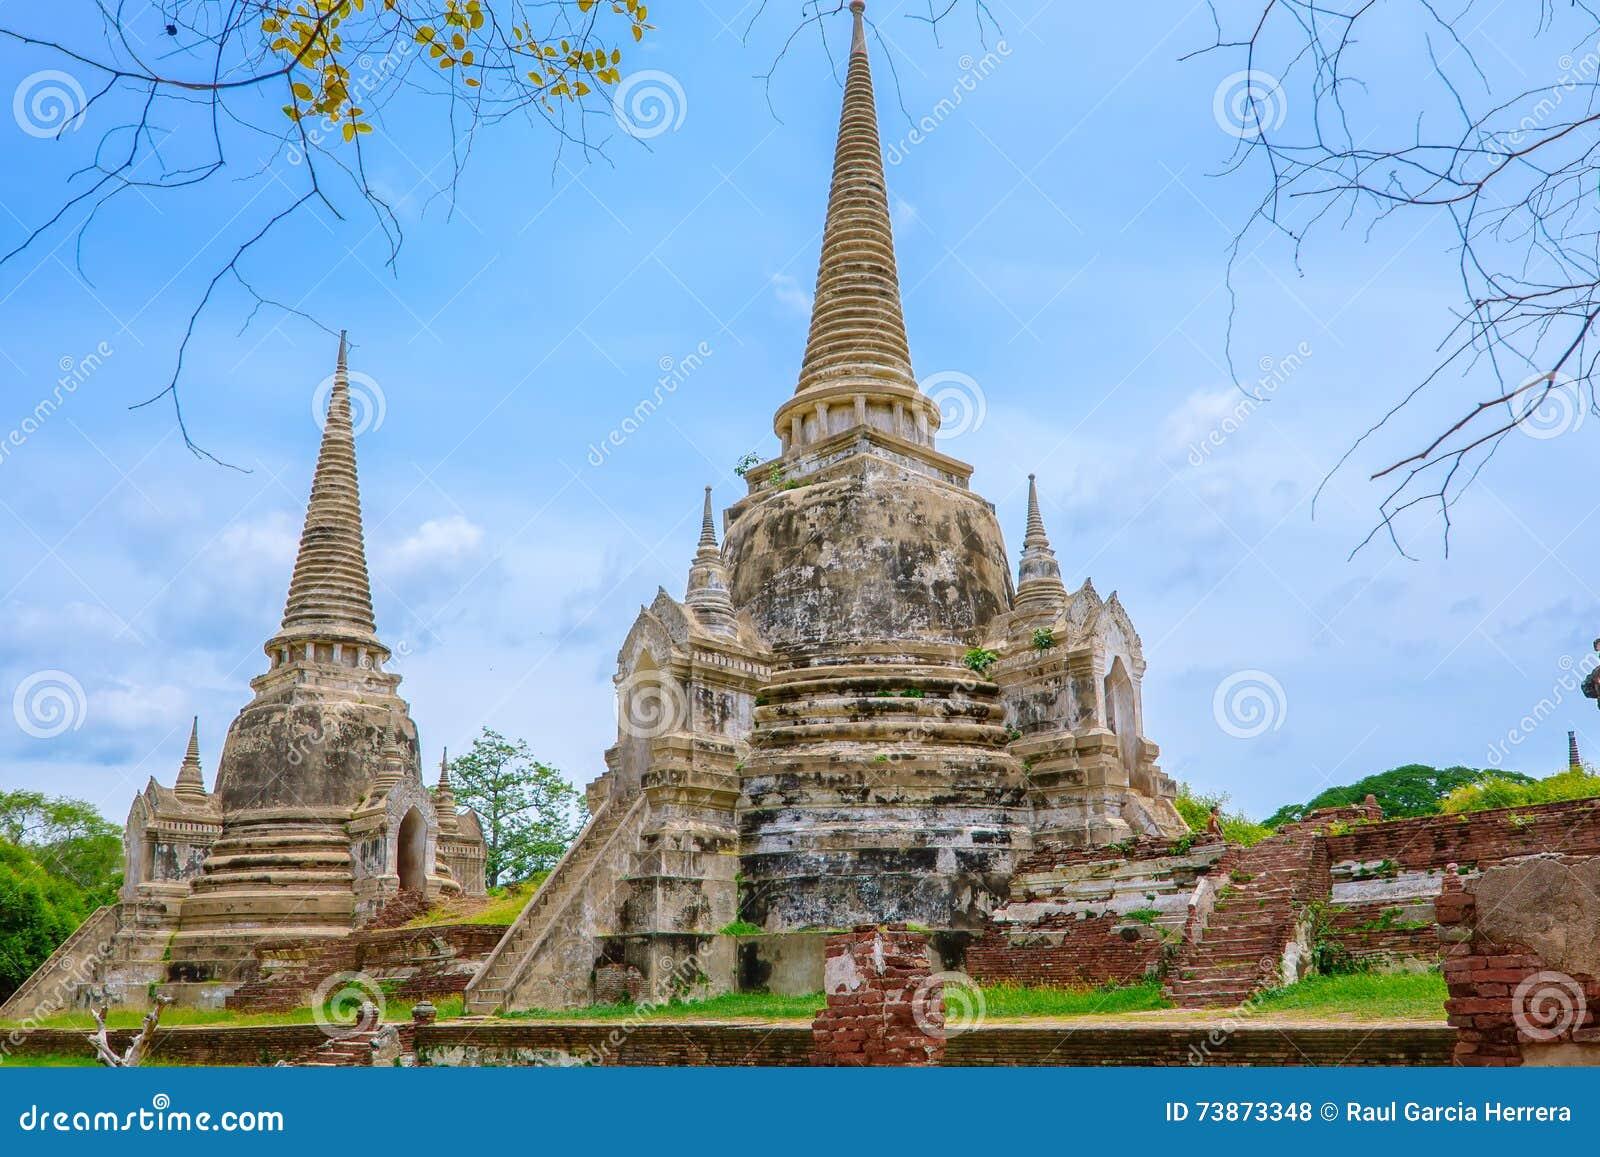 Ayutthaya Historical Park, Phra Nakhon Si Ayutthaya ...